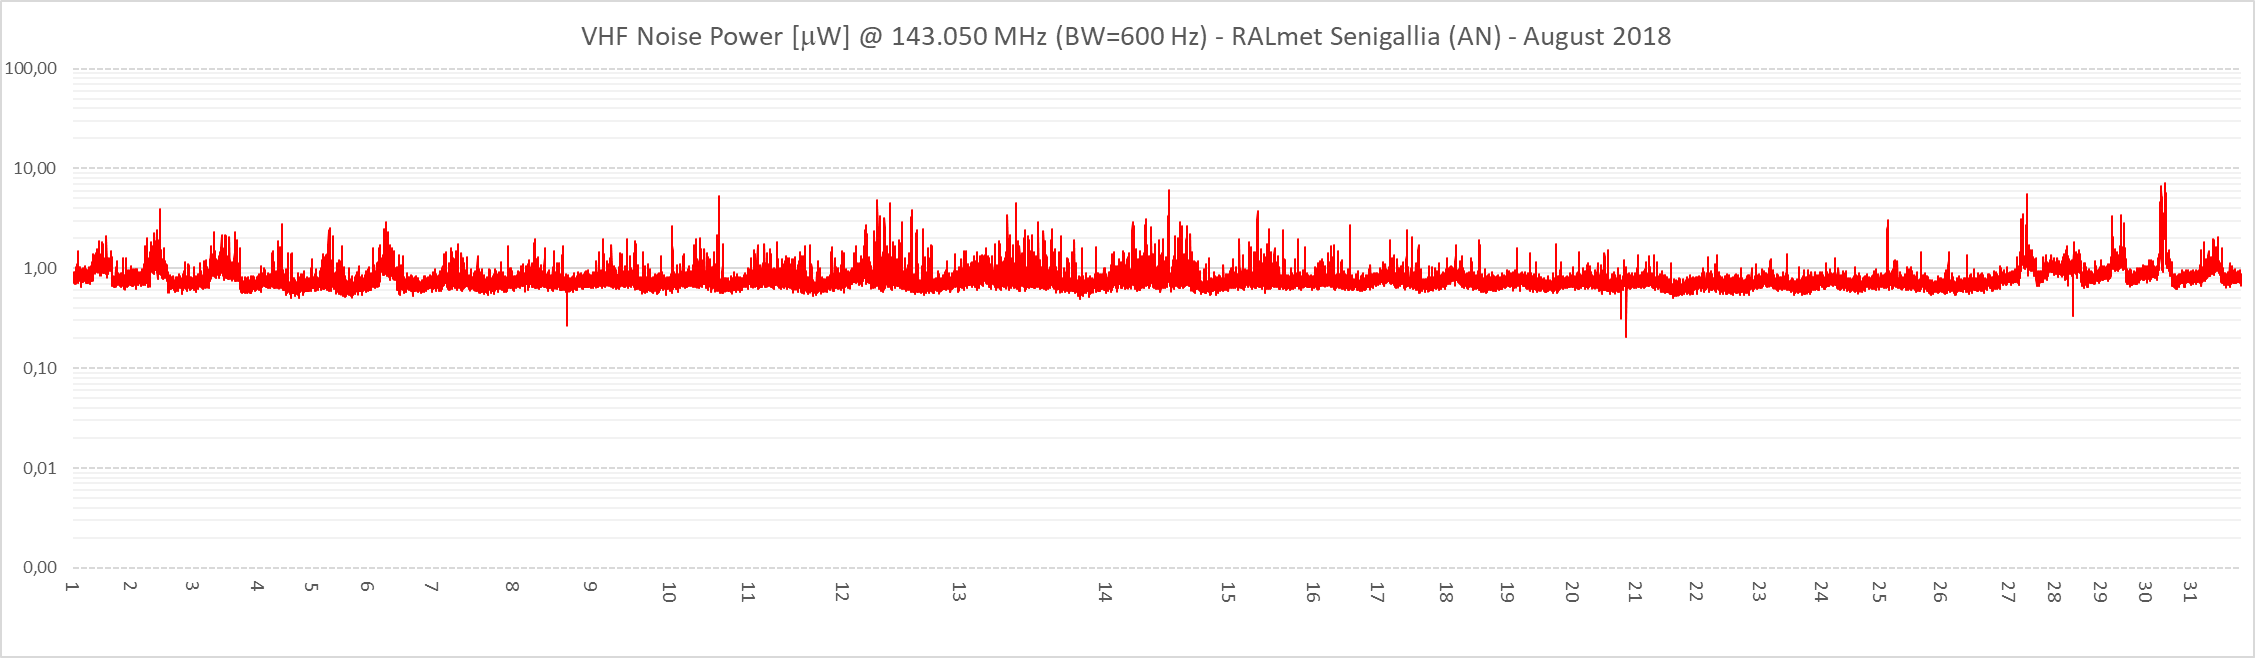 Potenza media del rumore in una banda di 600 Hz, centrata sulla frequenza 143.050 MHz del trasmettitore radar.